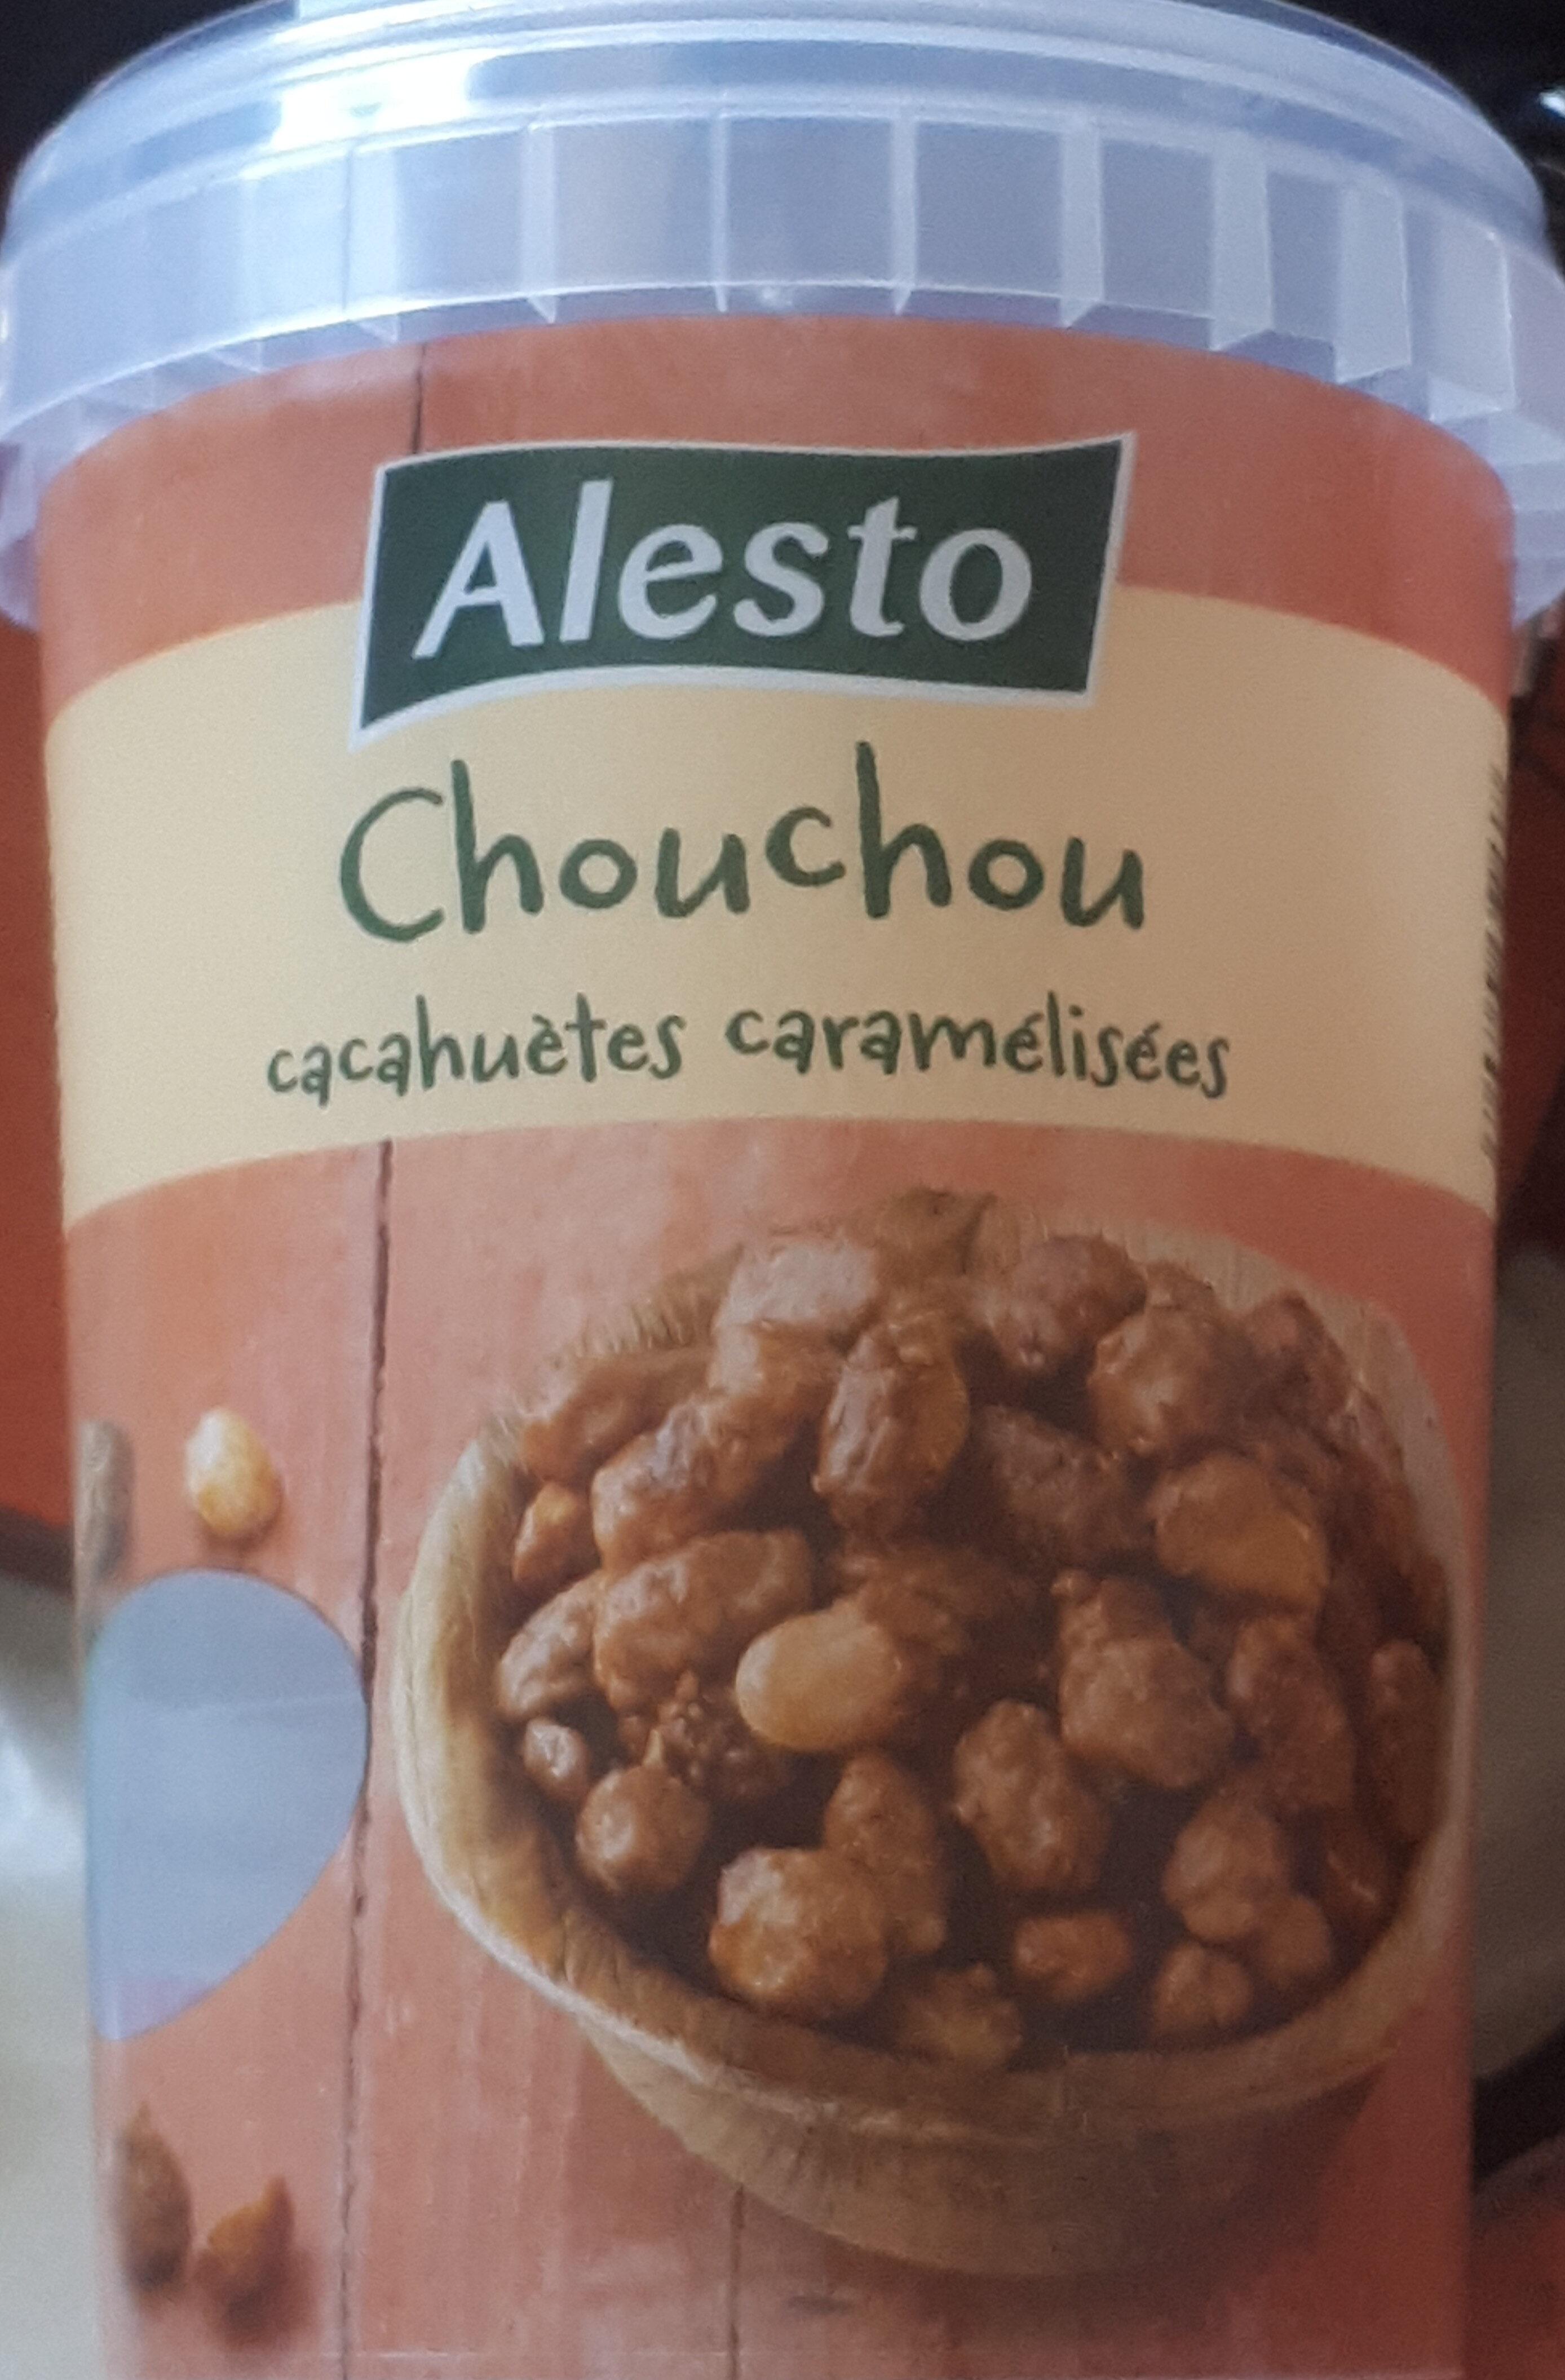 chouchou cacahuètes caramélisées - Product